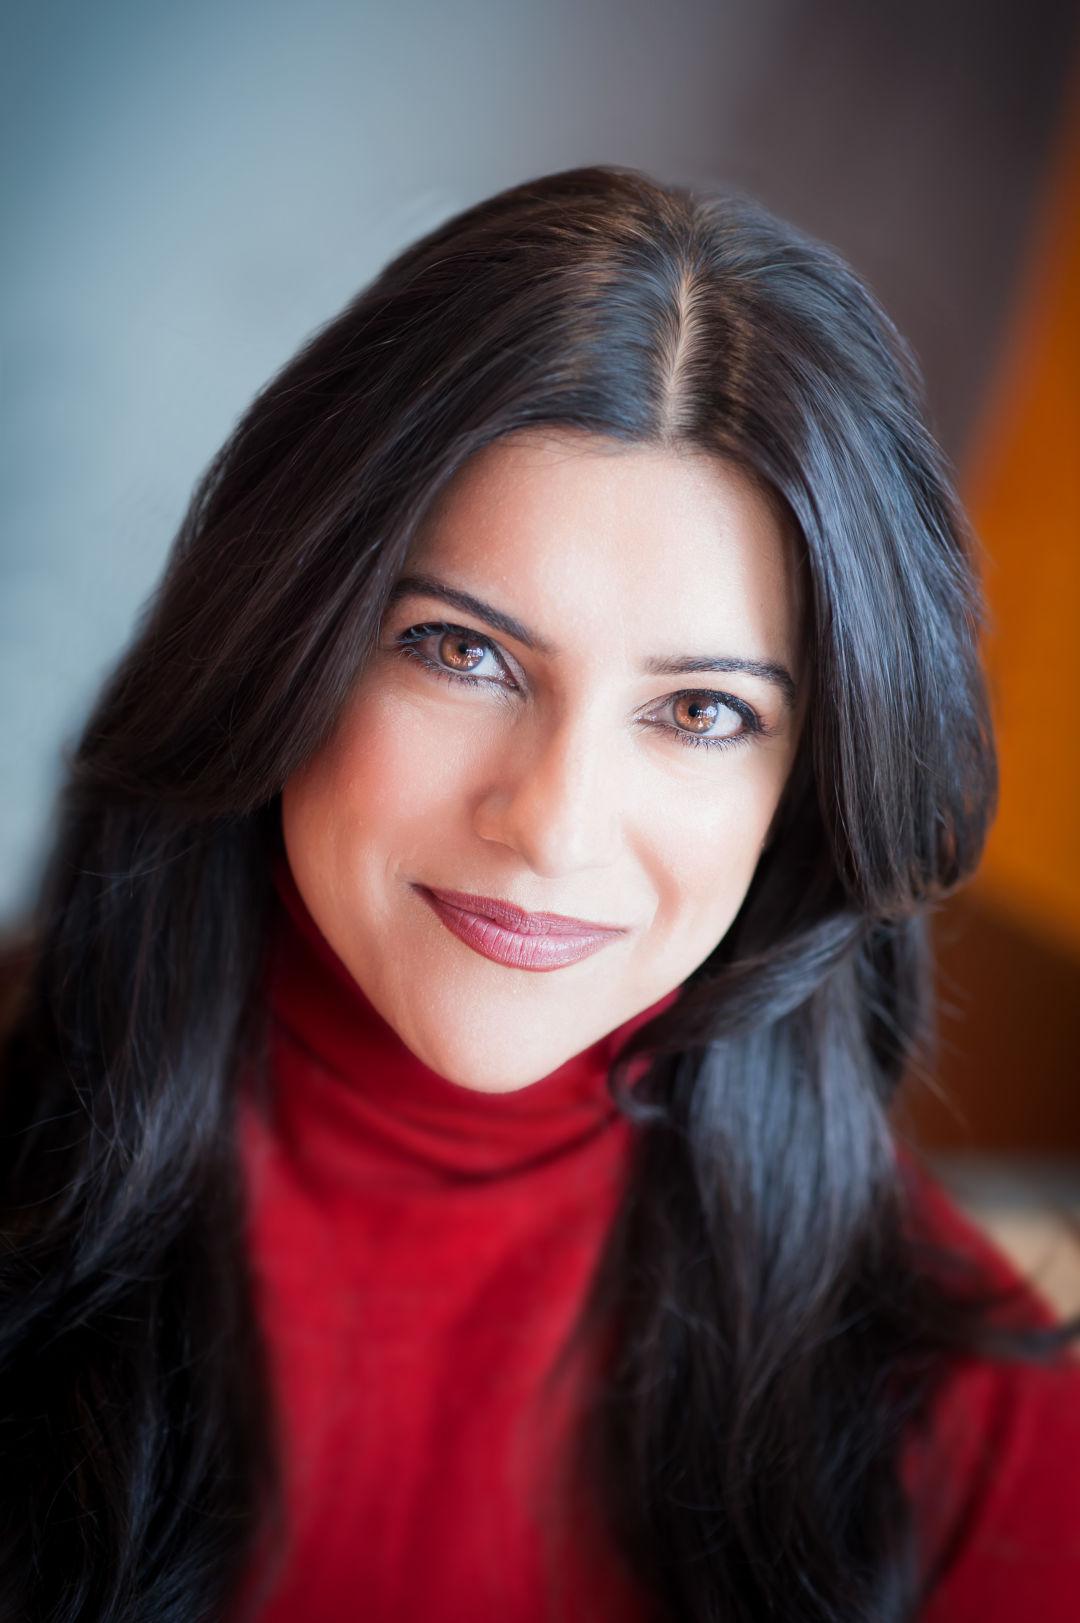 Reshma saujani sbcj6x